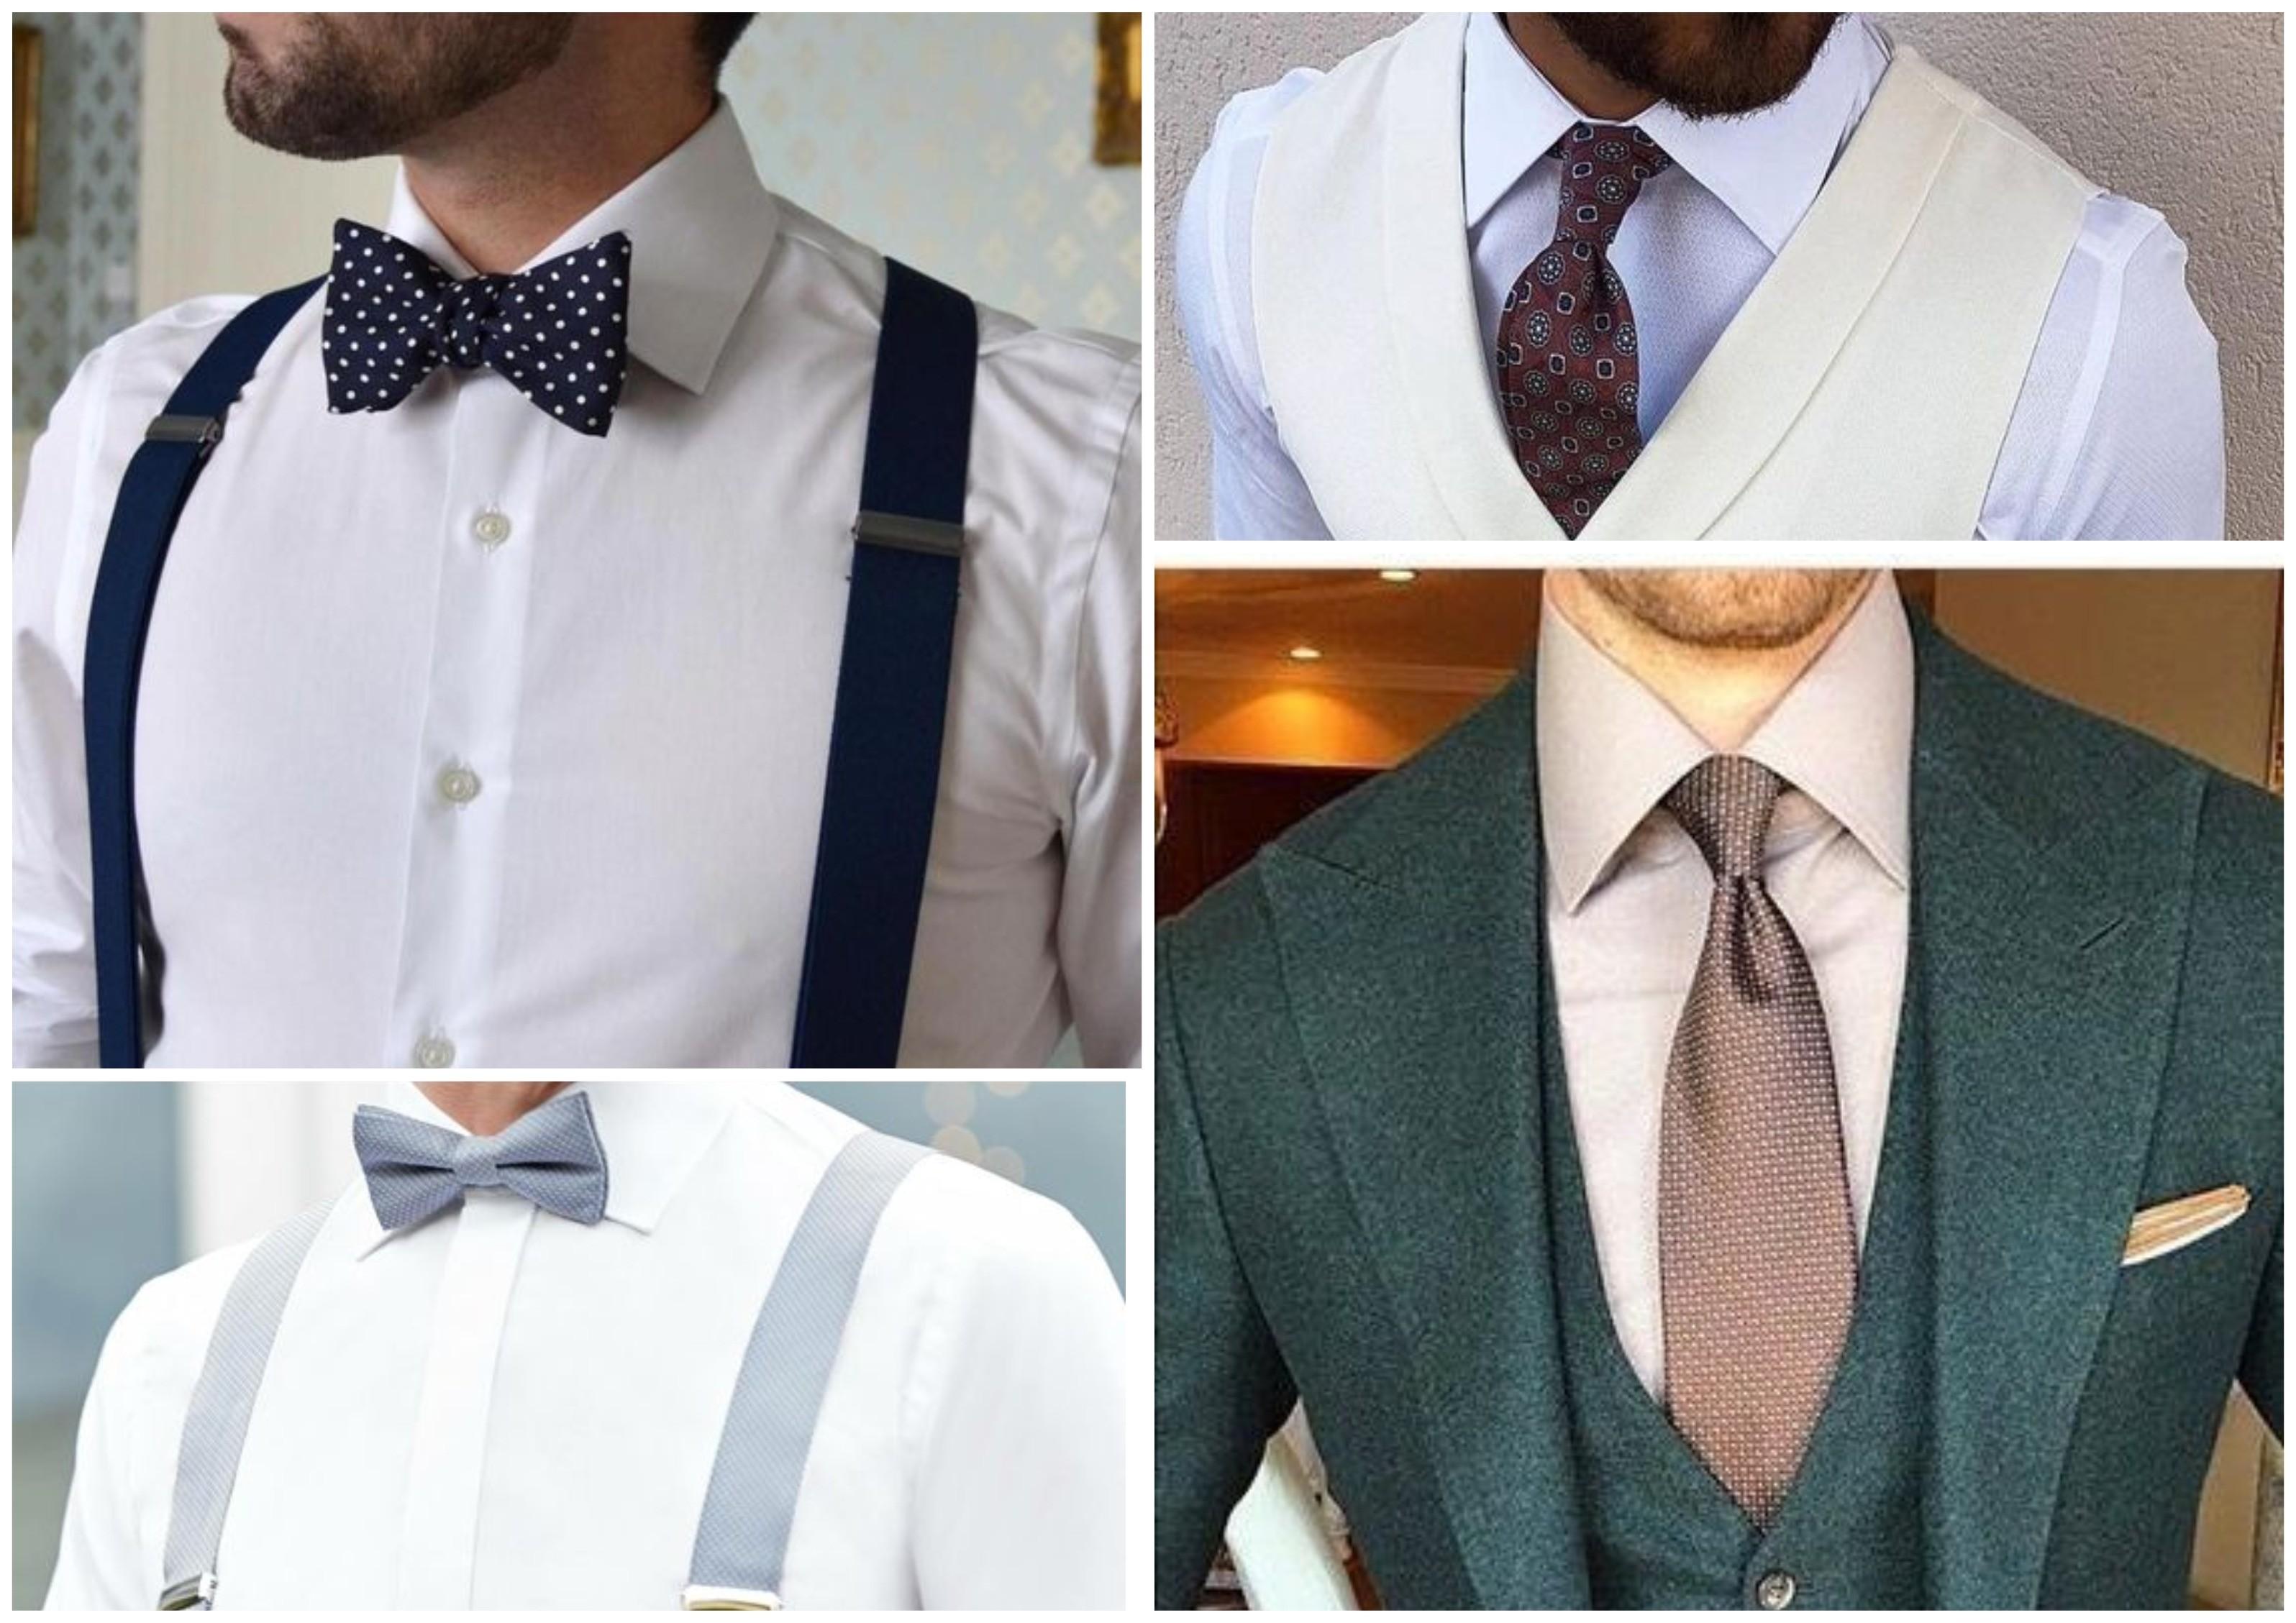 Випускний 2019: ідеї костюмів для справжнього джентльмена